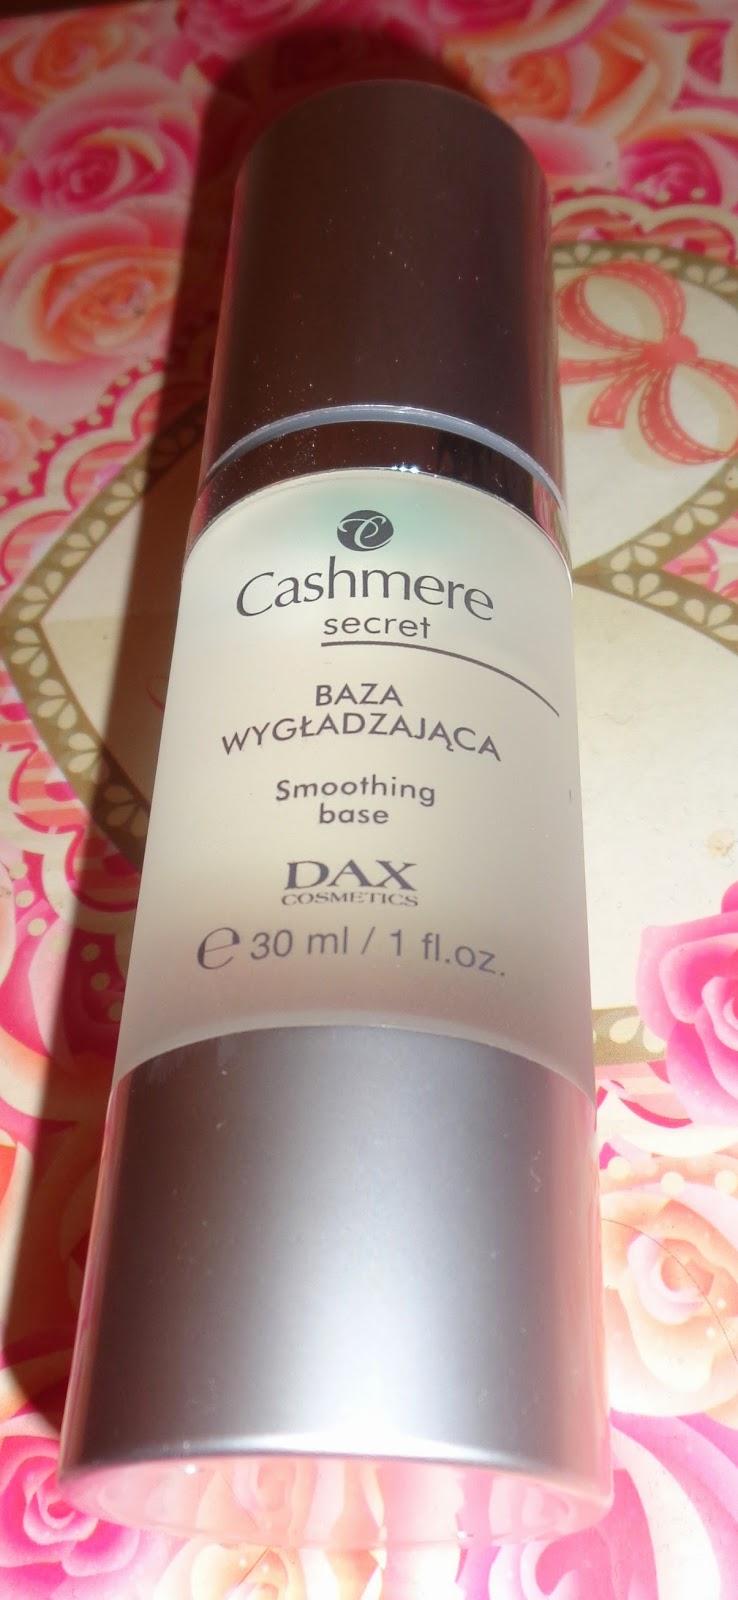 Baza wygładzajaca Cashmere secret DAX Cosmetics  - recenzja